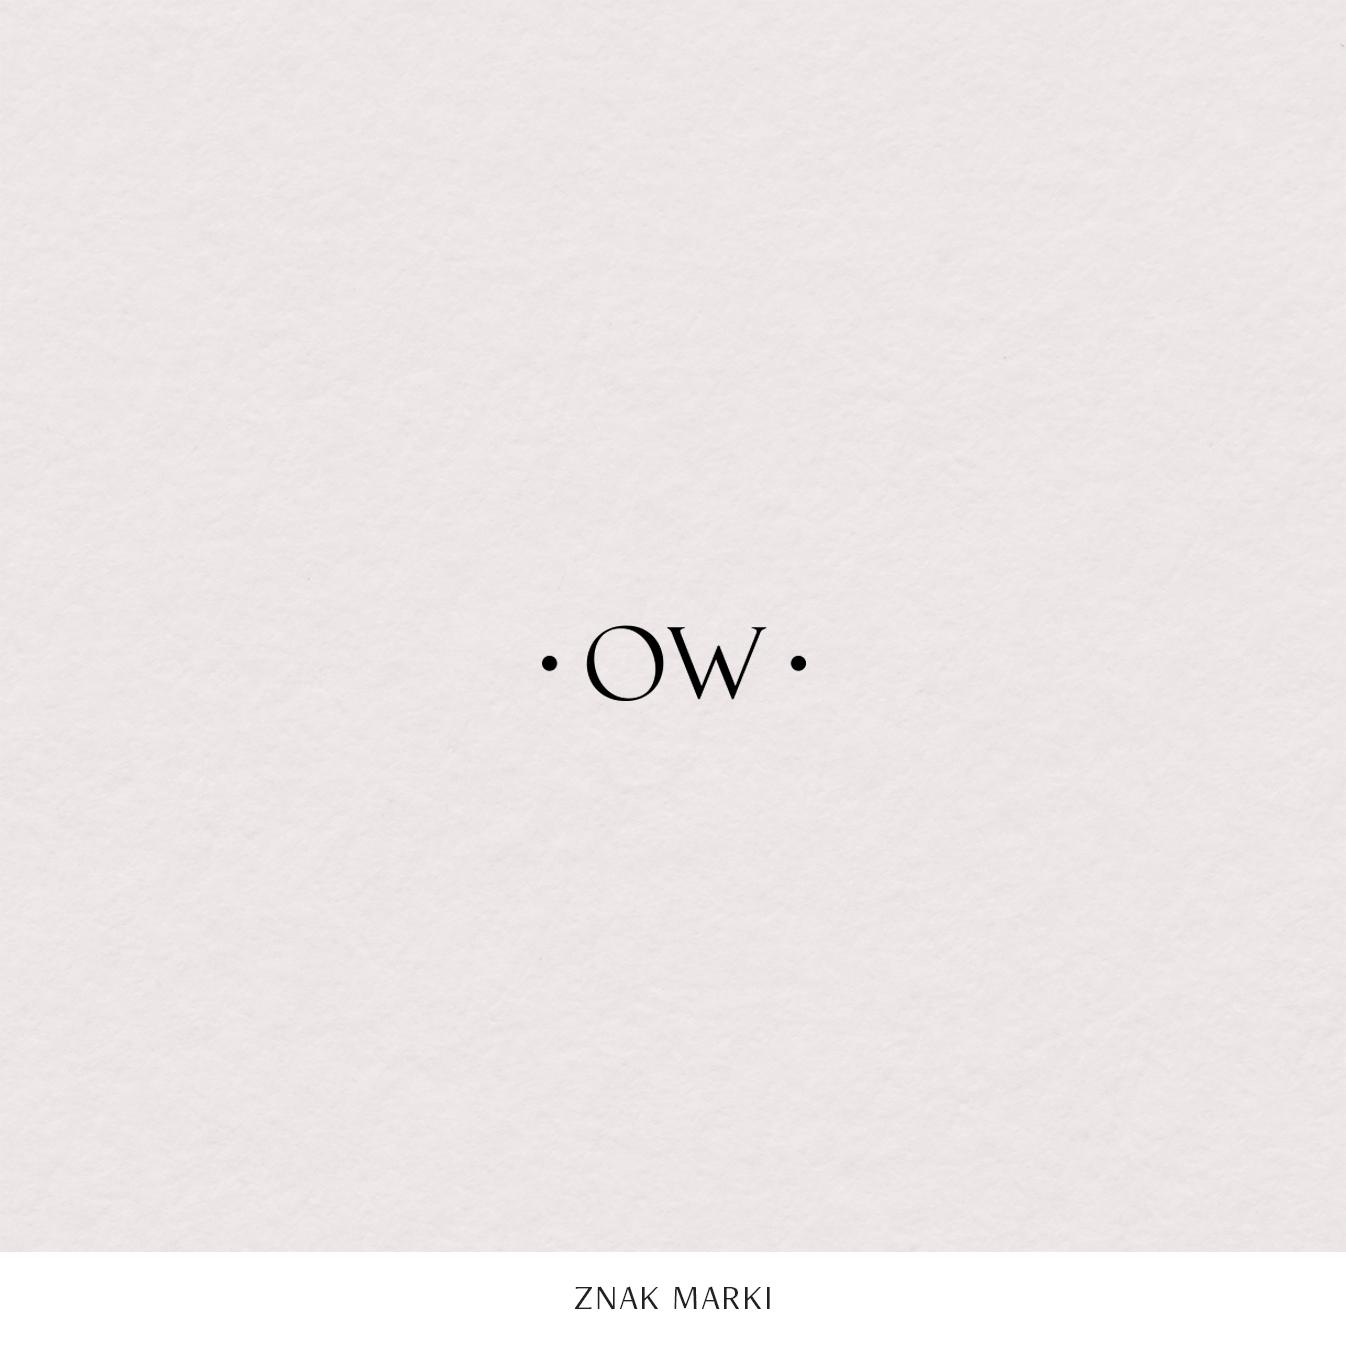 Hello! Winter - gotowe logo, znak firmowy, sygnet, logo dla firmy | Gotowa identyfikacja wizualna dla marki zimowej, osobowość zimowa | Hello! Beautiful brand | Sklep Moyemu